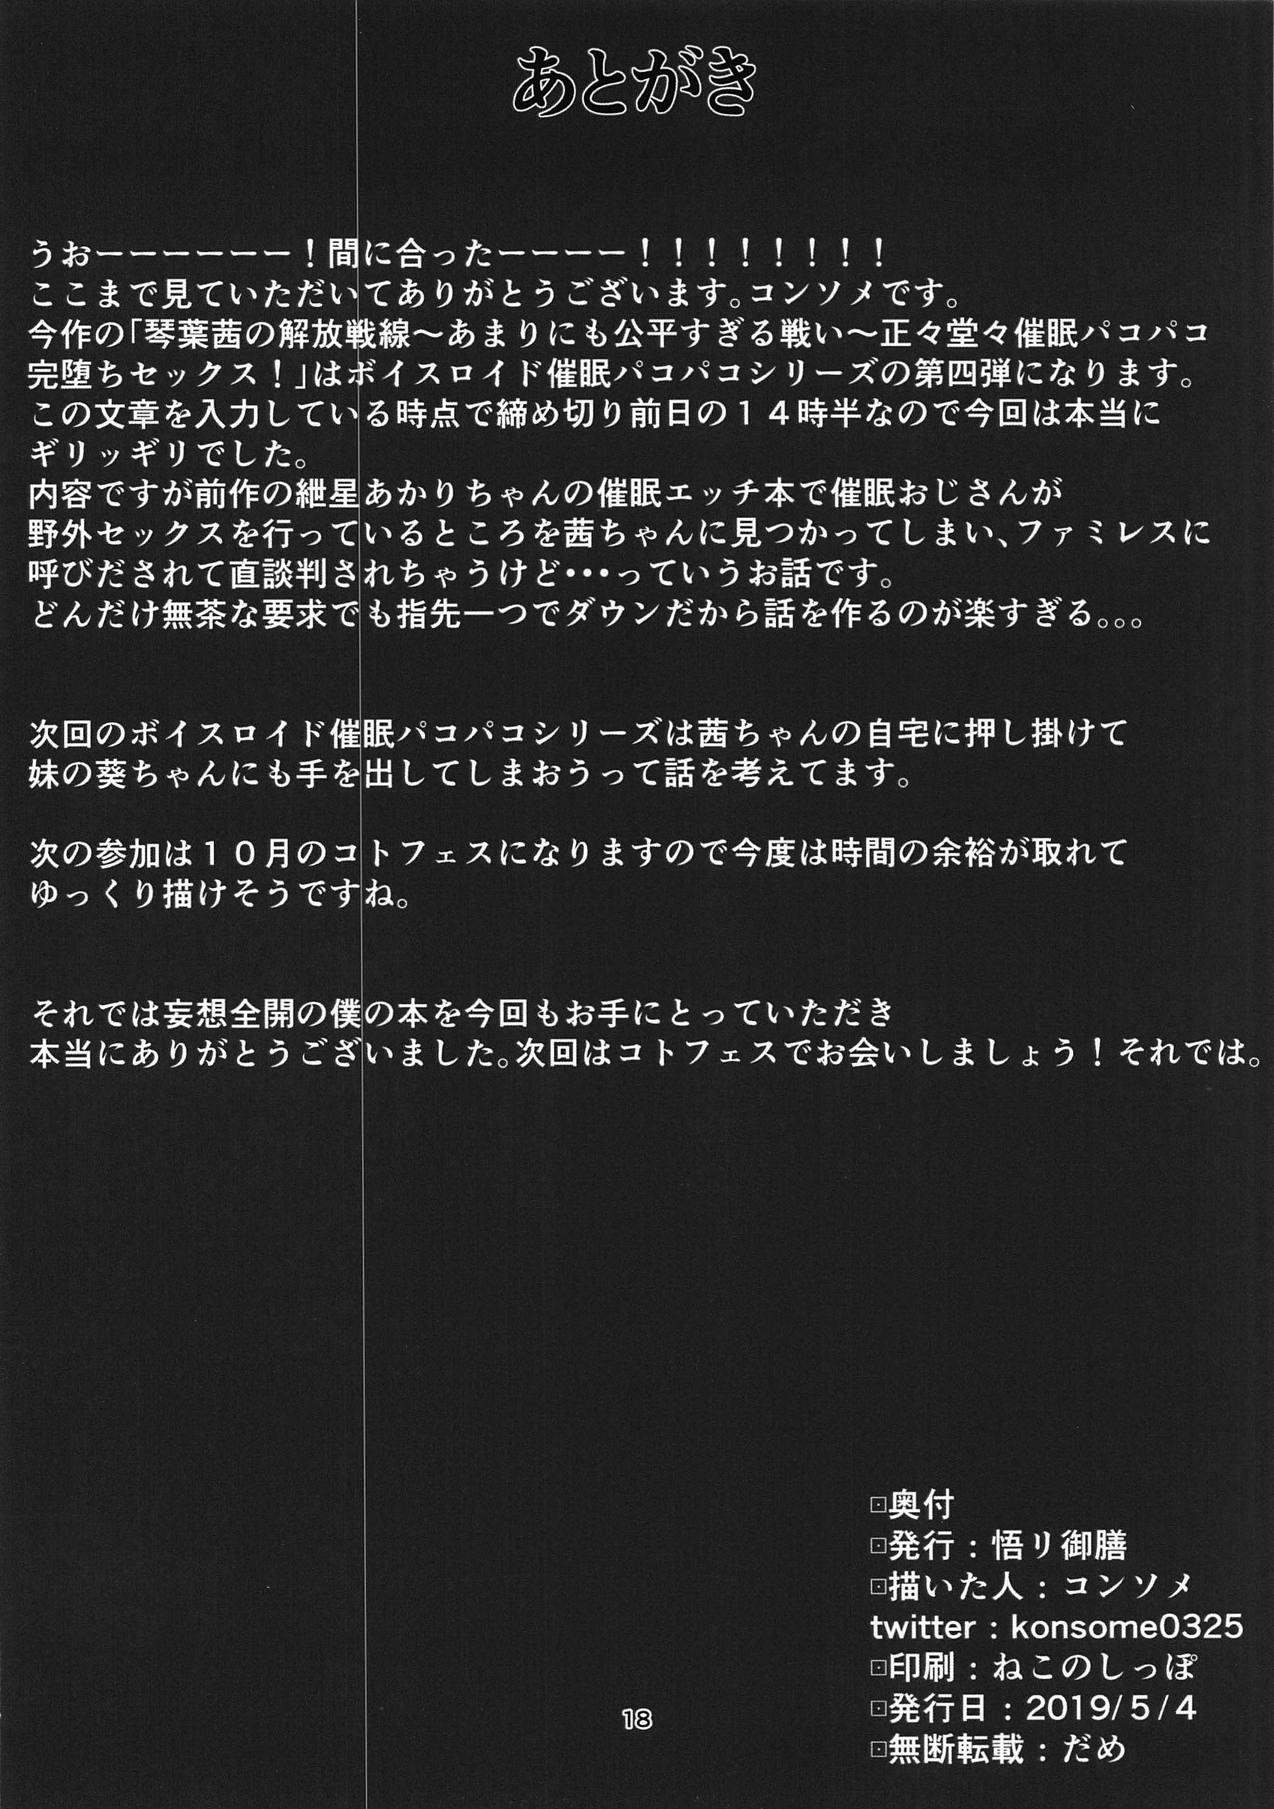 (Kono Koe Todoke, Tsuki made mo Go) [Satori Gozen (Konsome)] Kotonoha Akane no Kaihou Sensen ~Amarinimo Kouhei Sugiru Tatakai~ Seisei Doudou Saimin Pakopako Kanochi Sex! (VOICEROID) 16